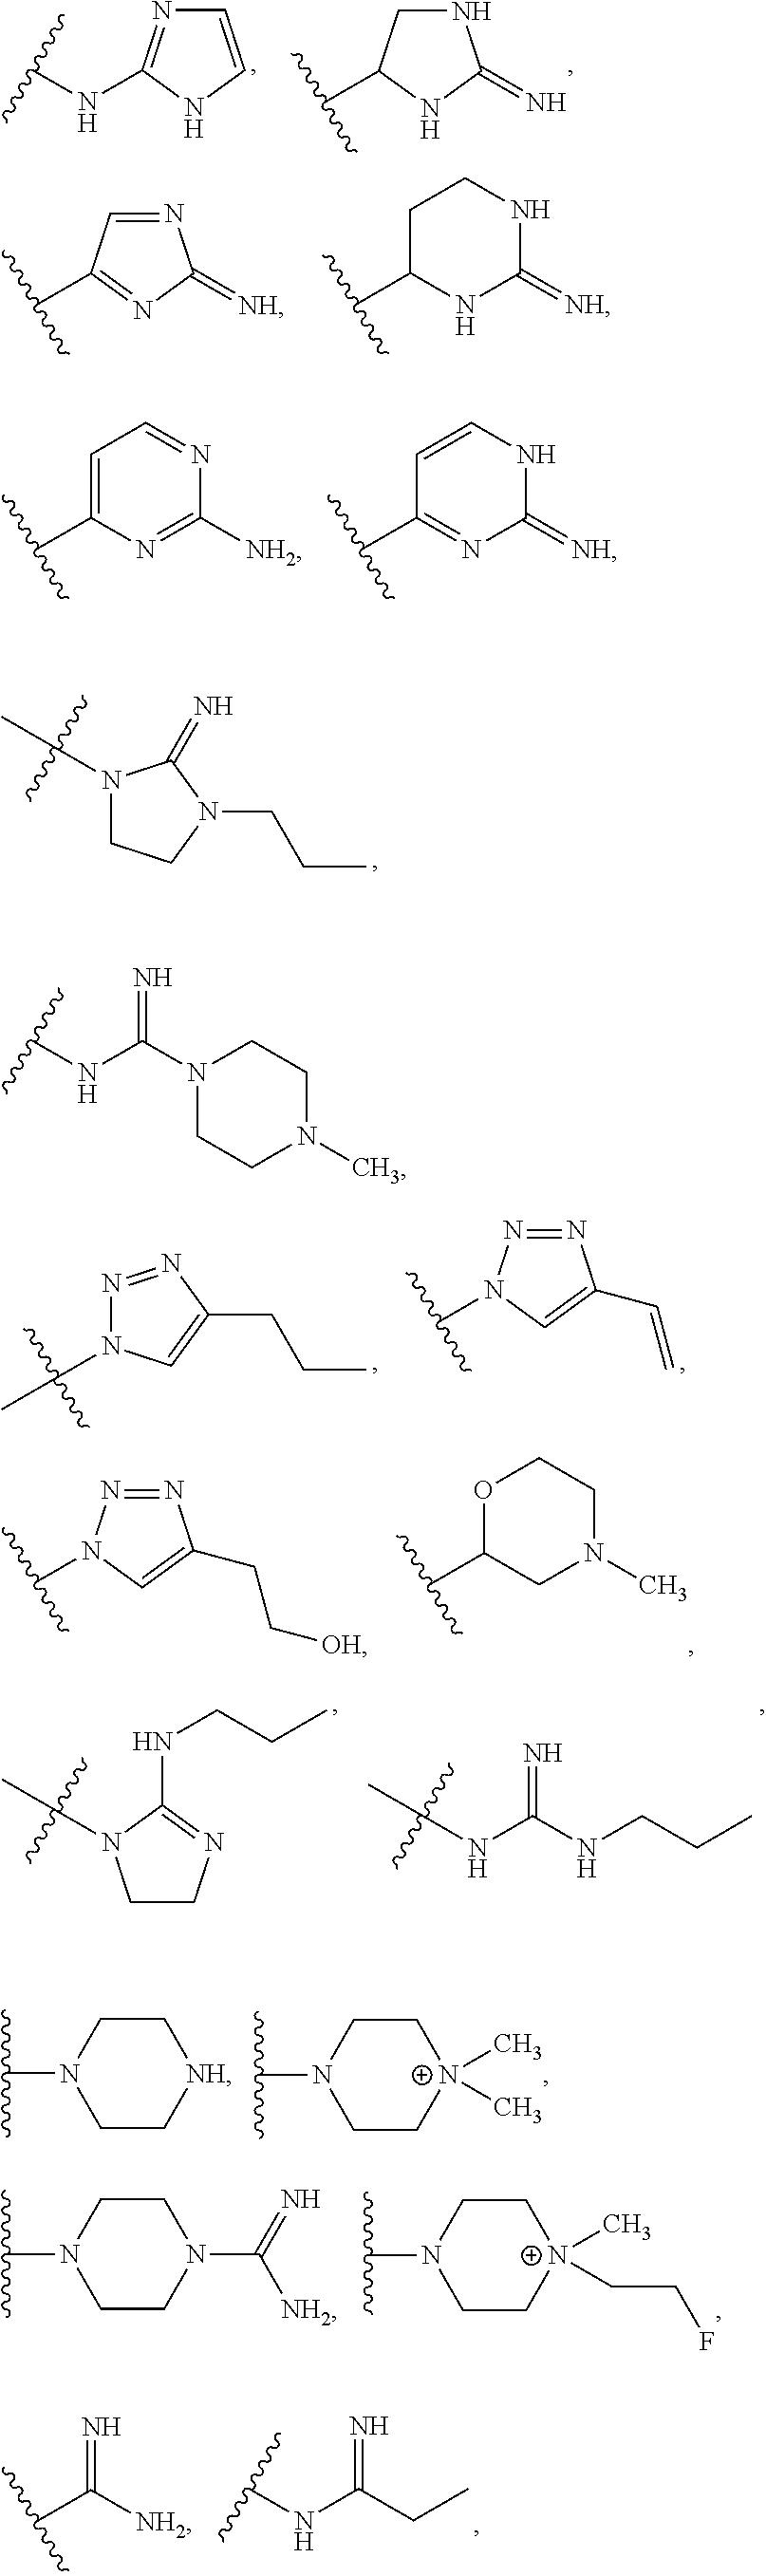 Figure US09550000-20170124-C00305